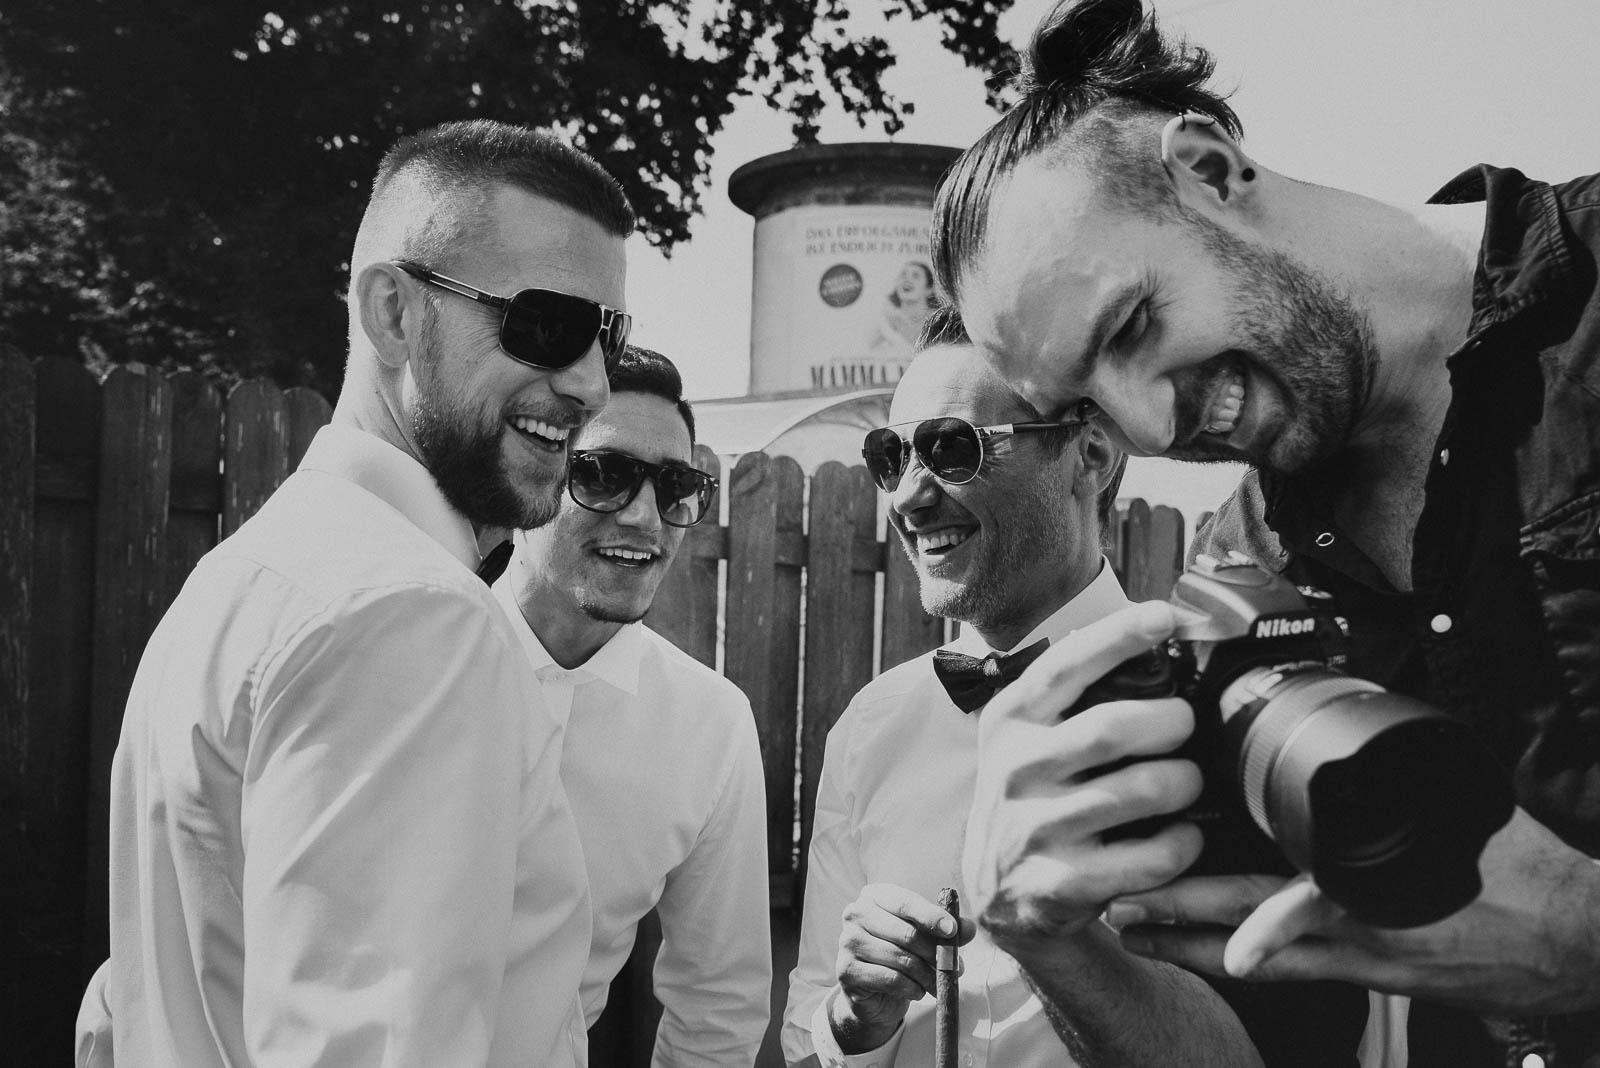 Hochzeitsfotograf nrw Jan Breitmeier